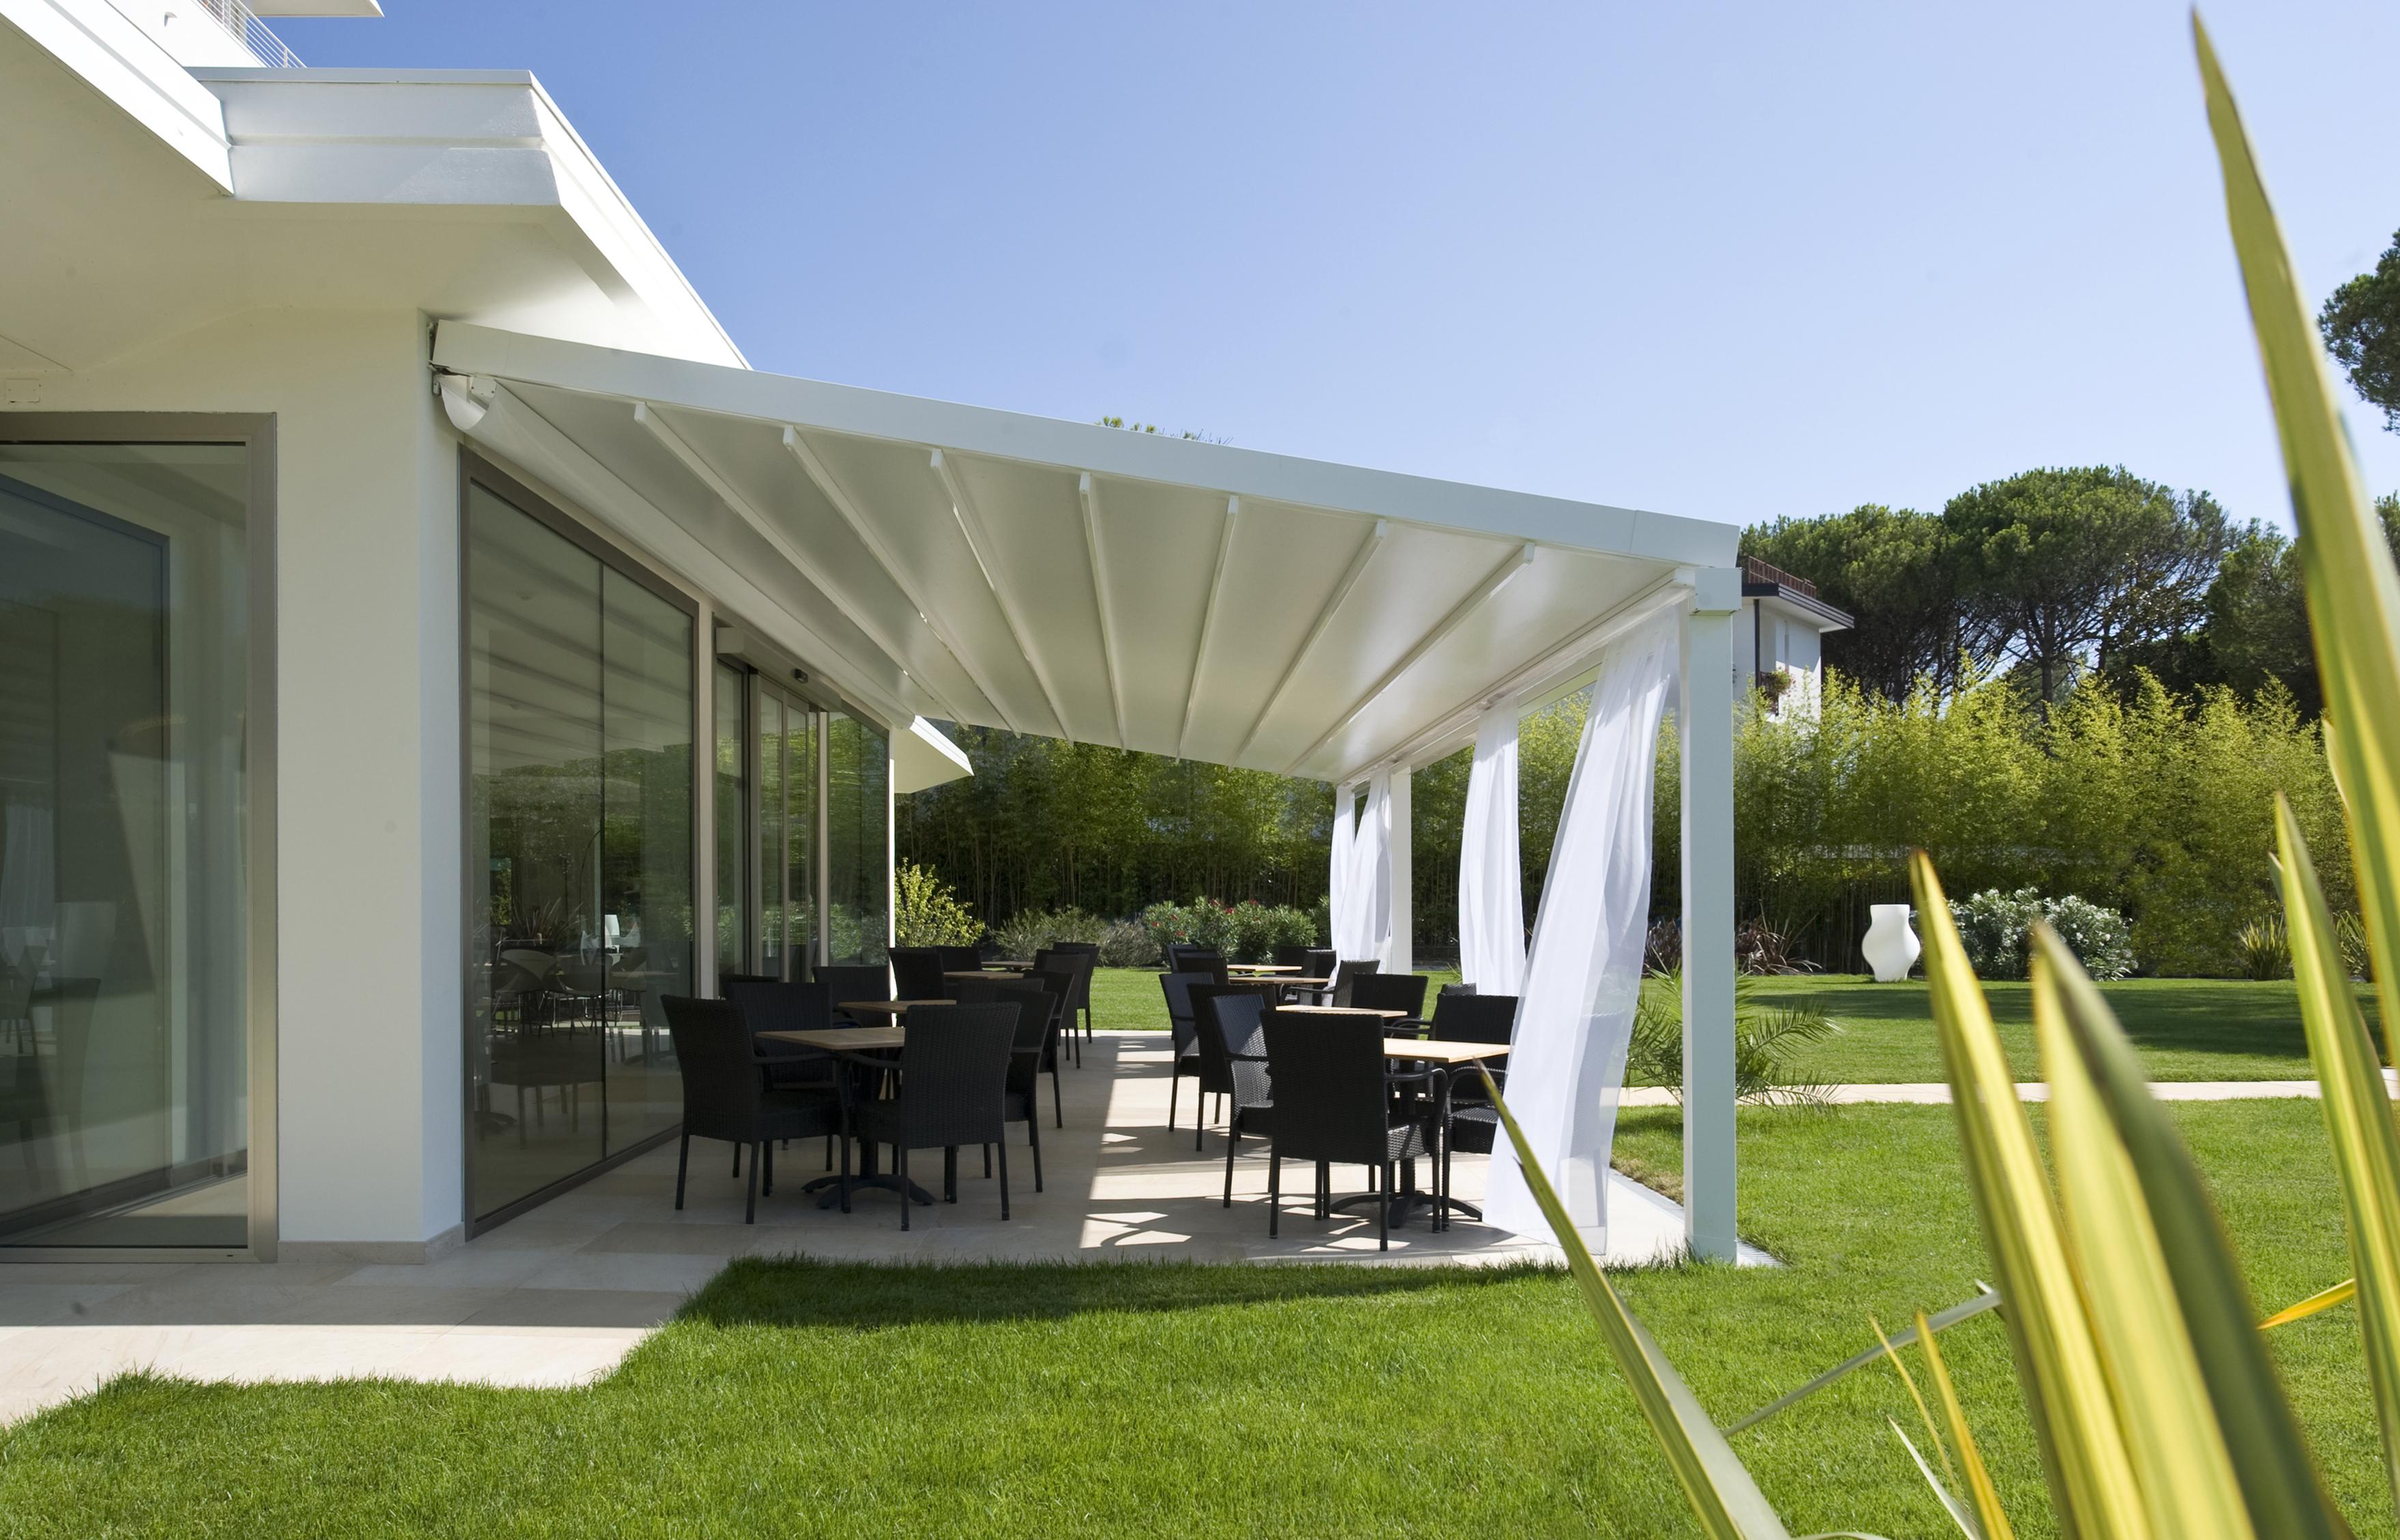 harol patio pergolamarkis i lund fr n restads solskydd. Black Bedroom Furniture Sets. Home Design Ideas